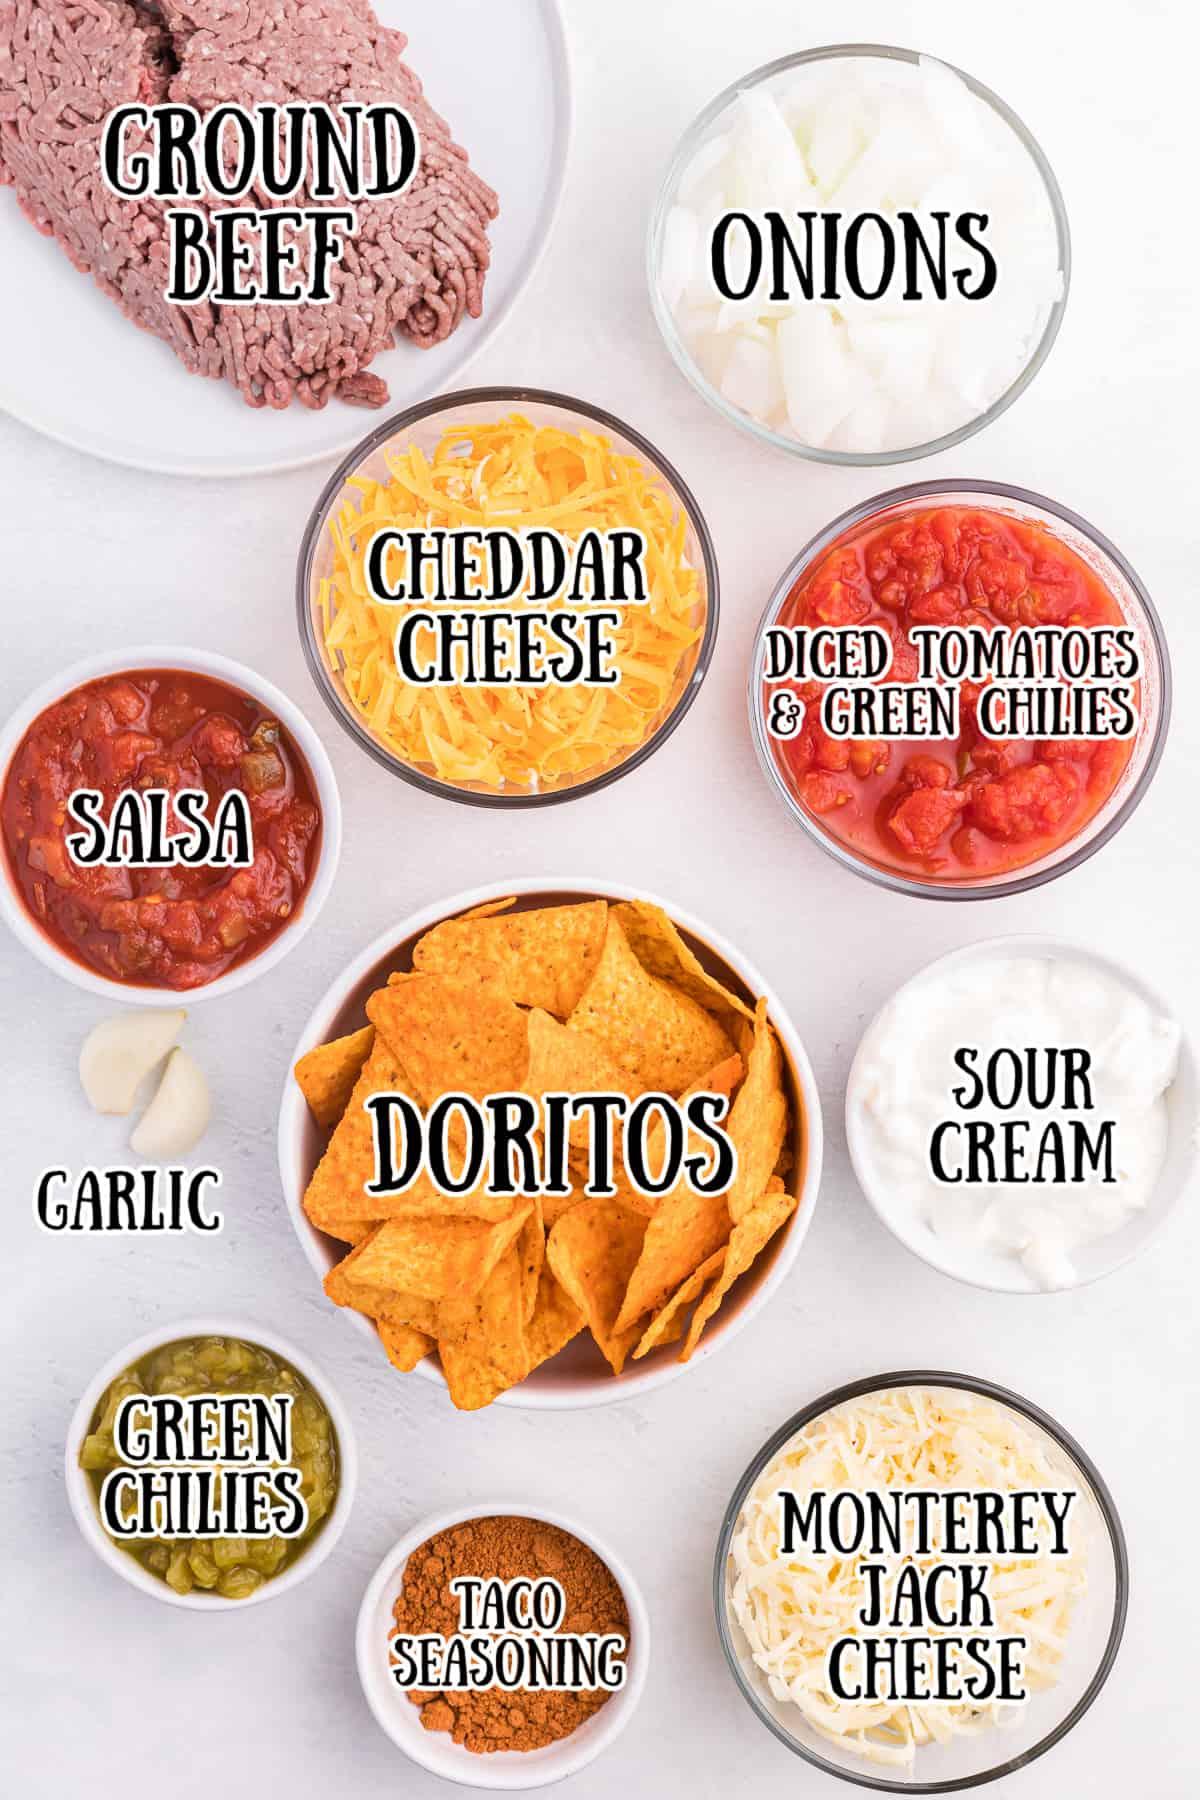 Doritos Casserole Ingredients